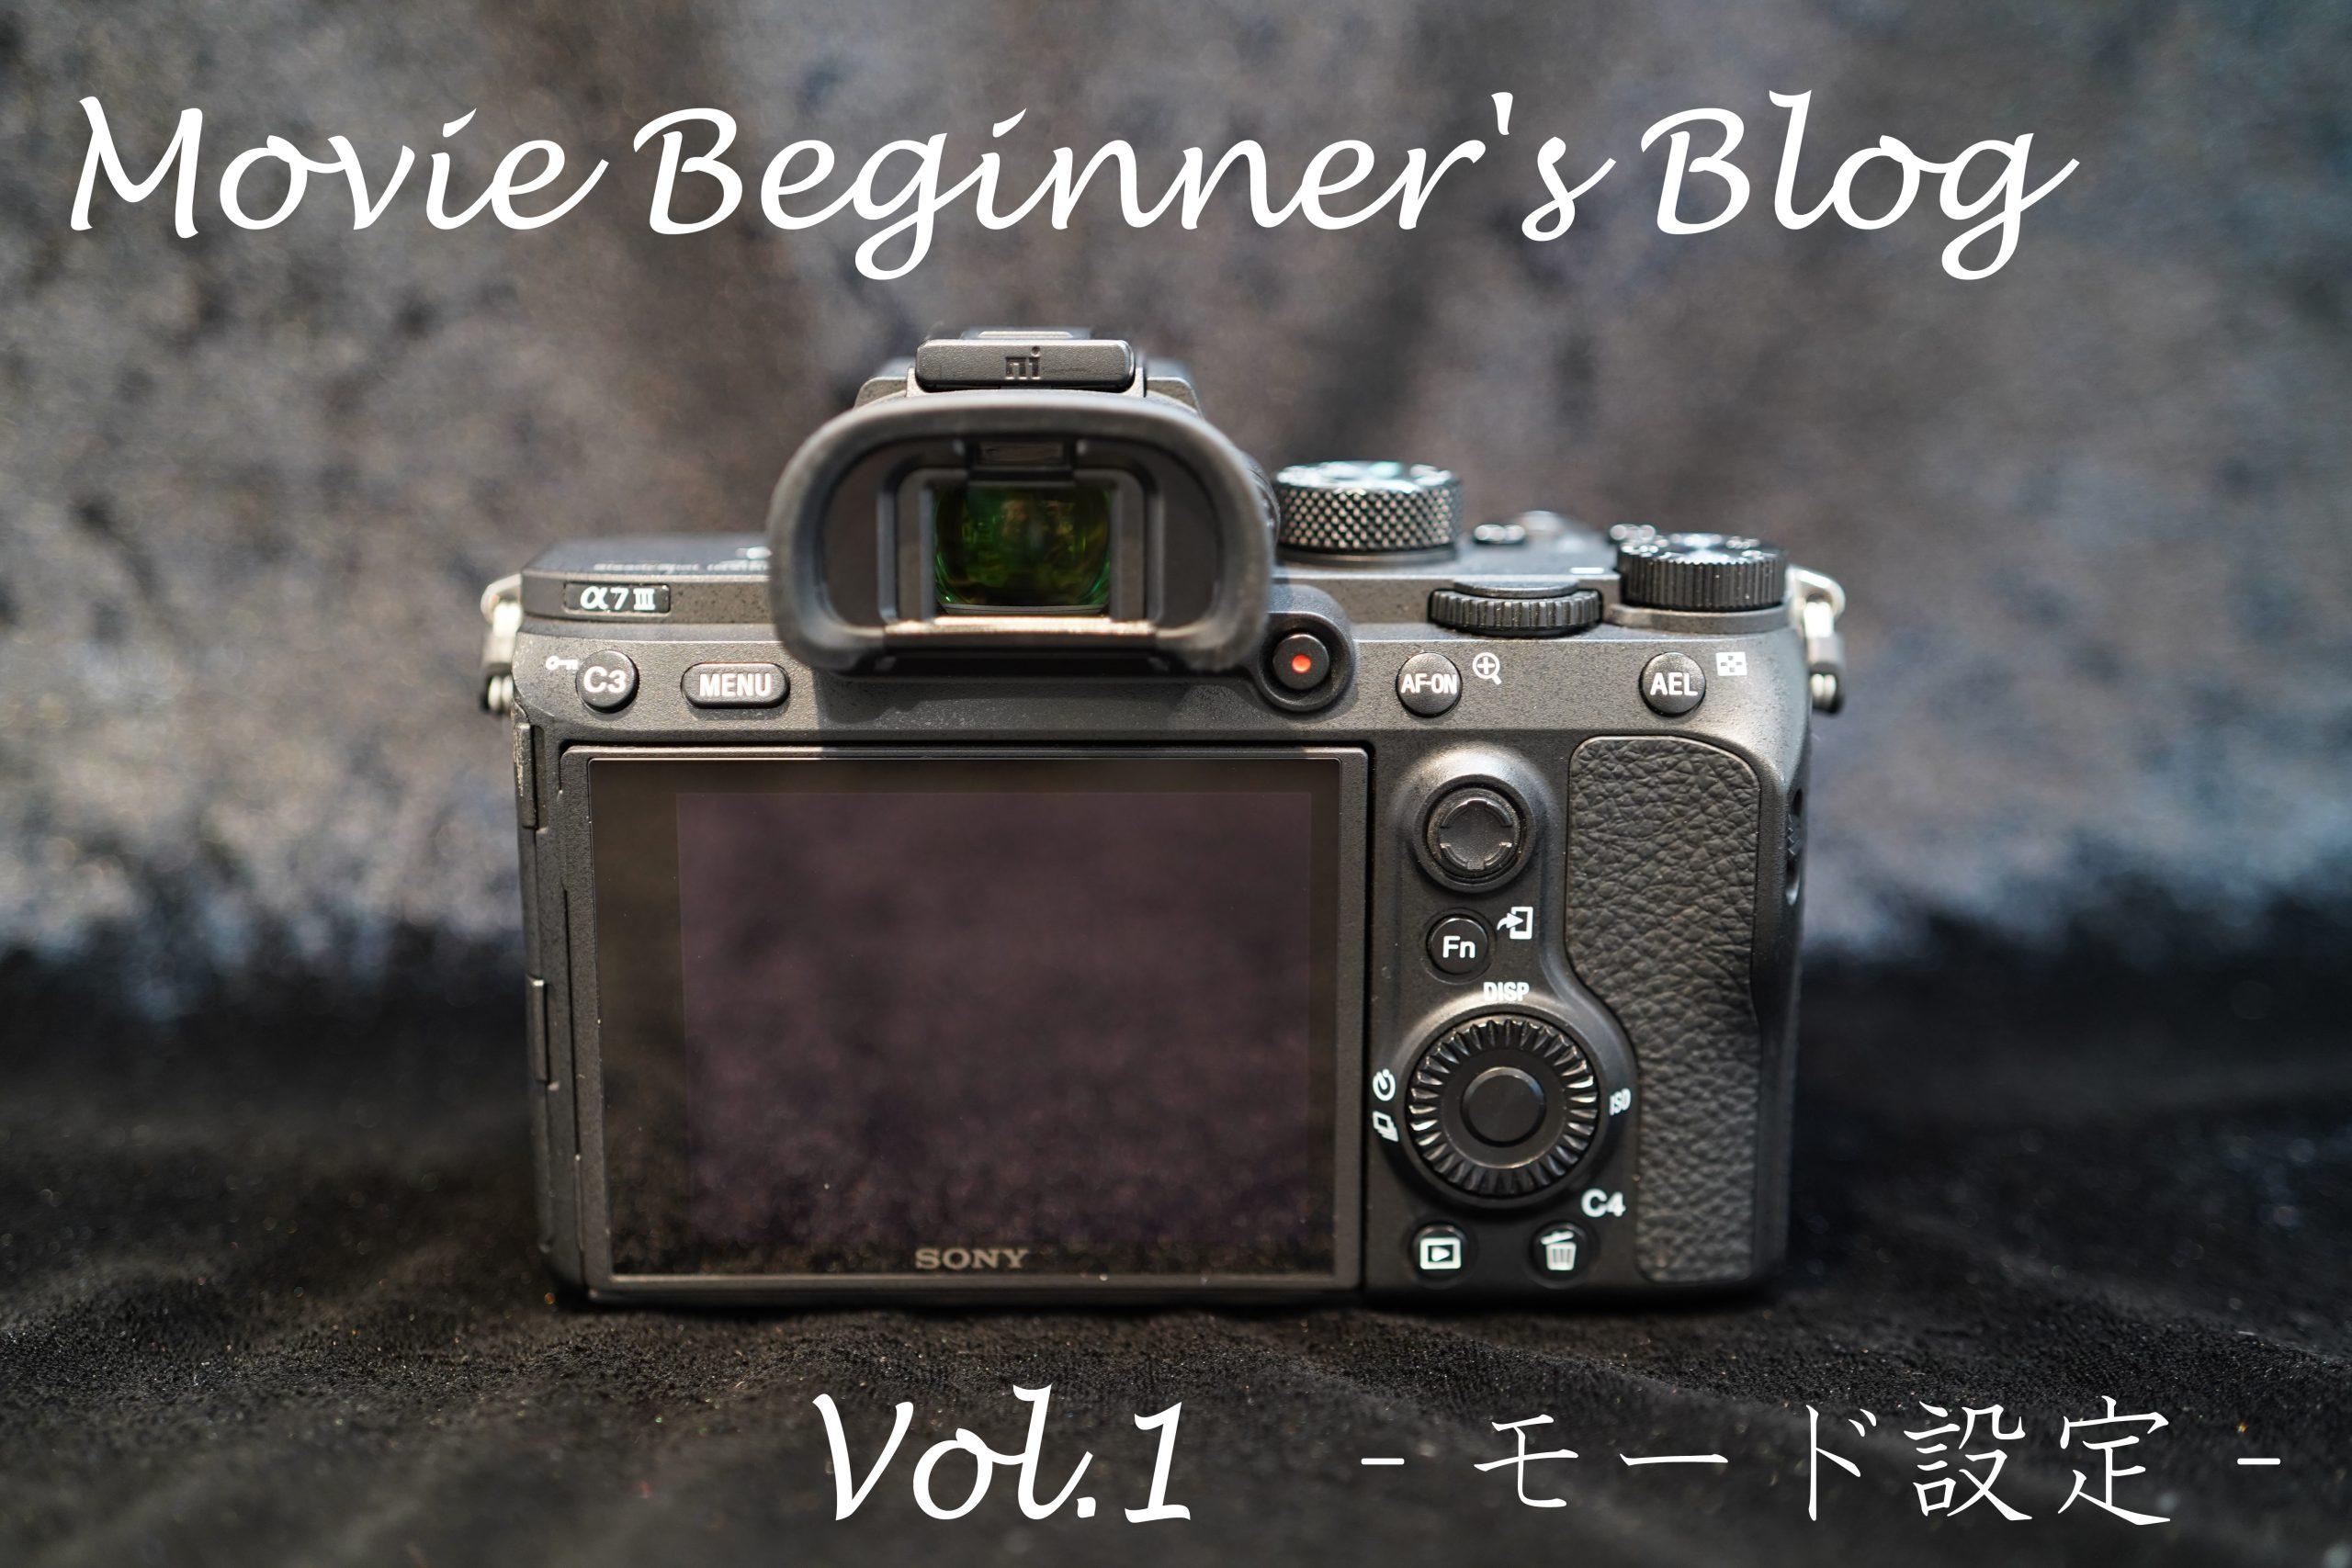 Movie Beginner's Blog Vol.1 -モード設定-